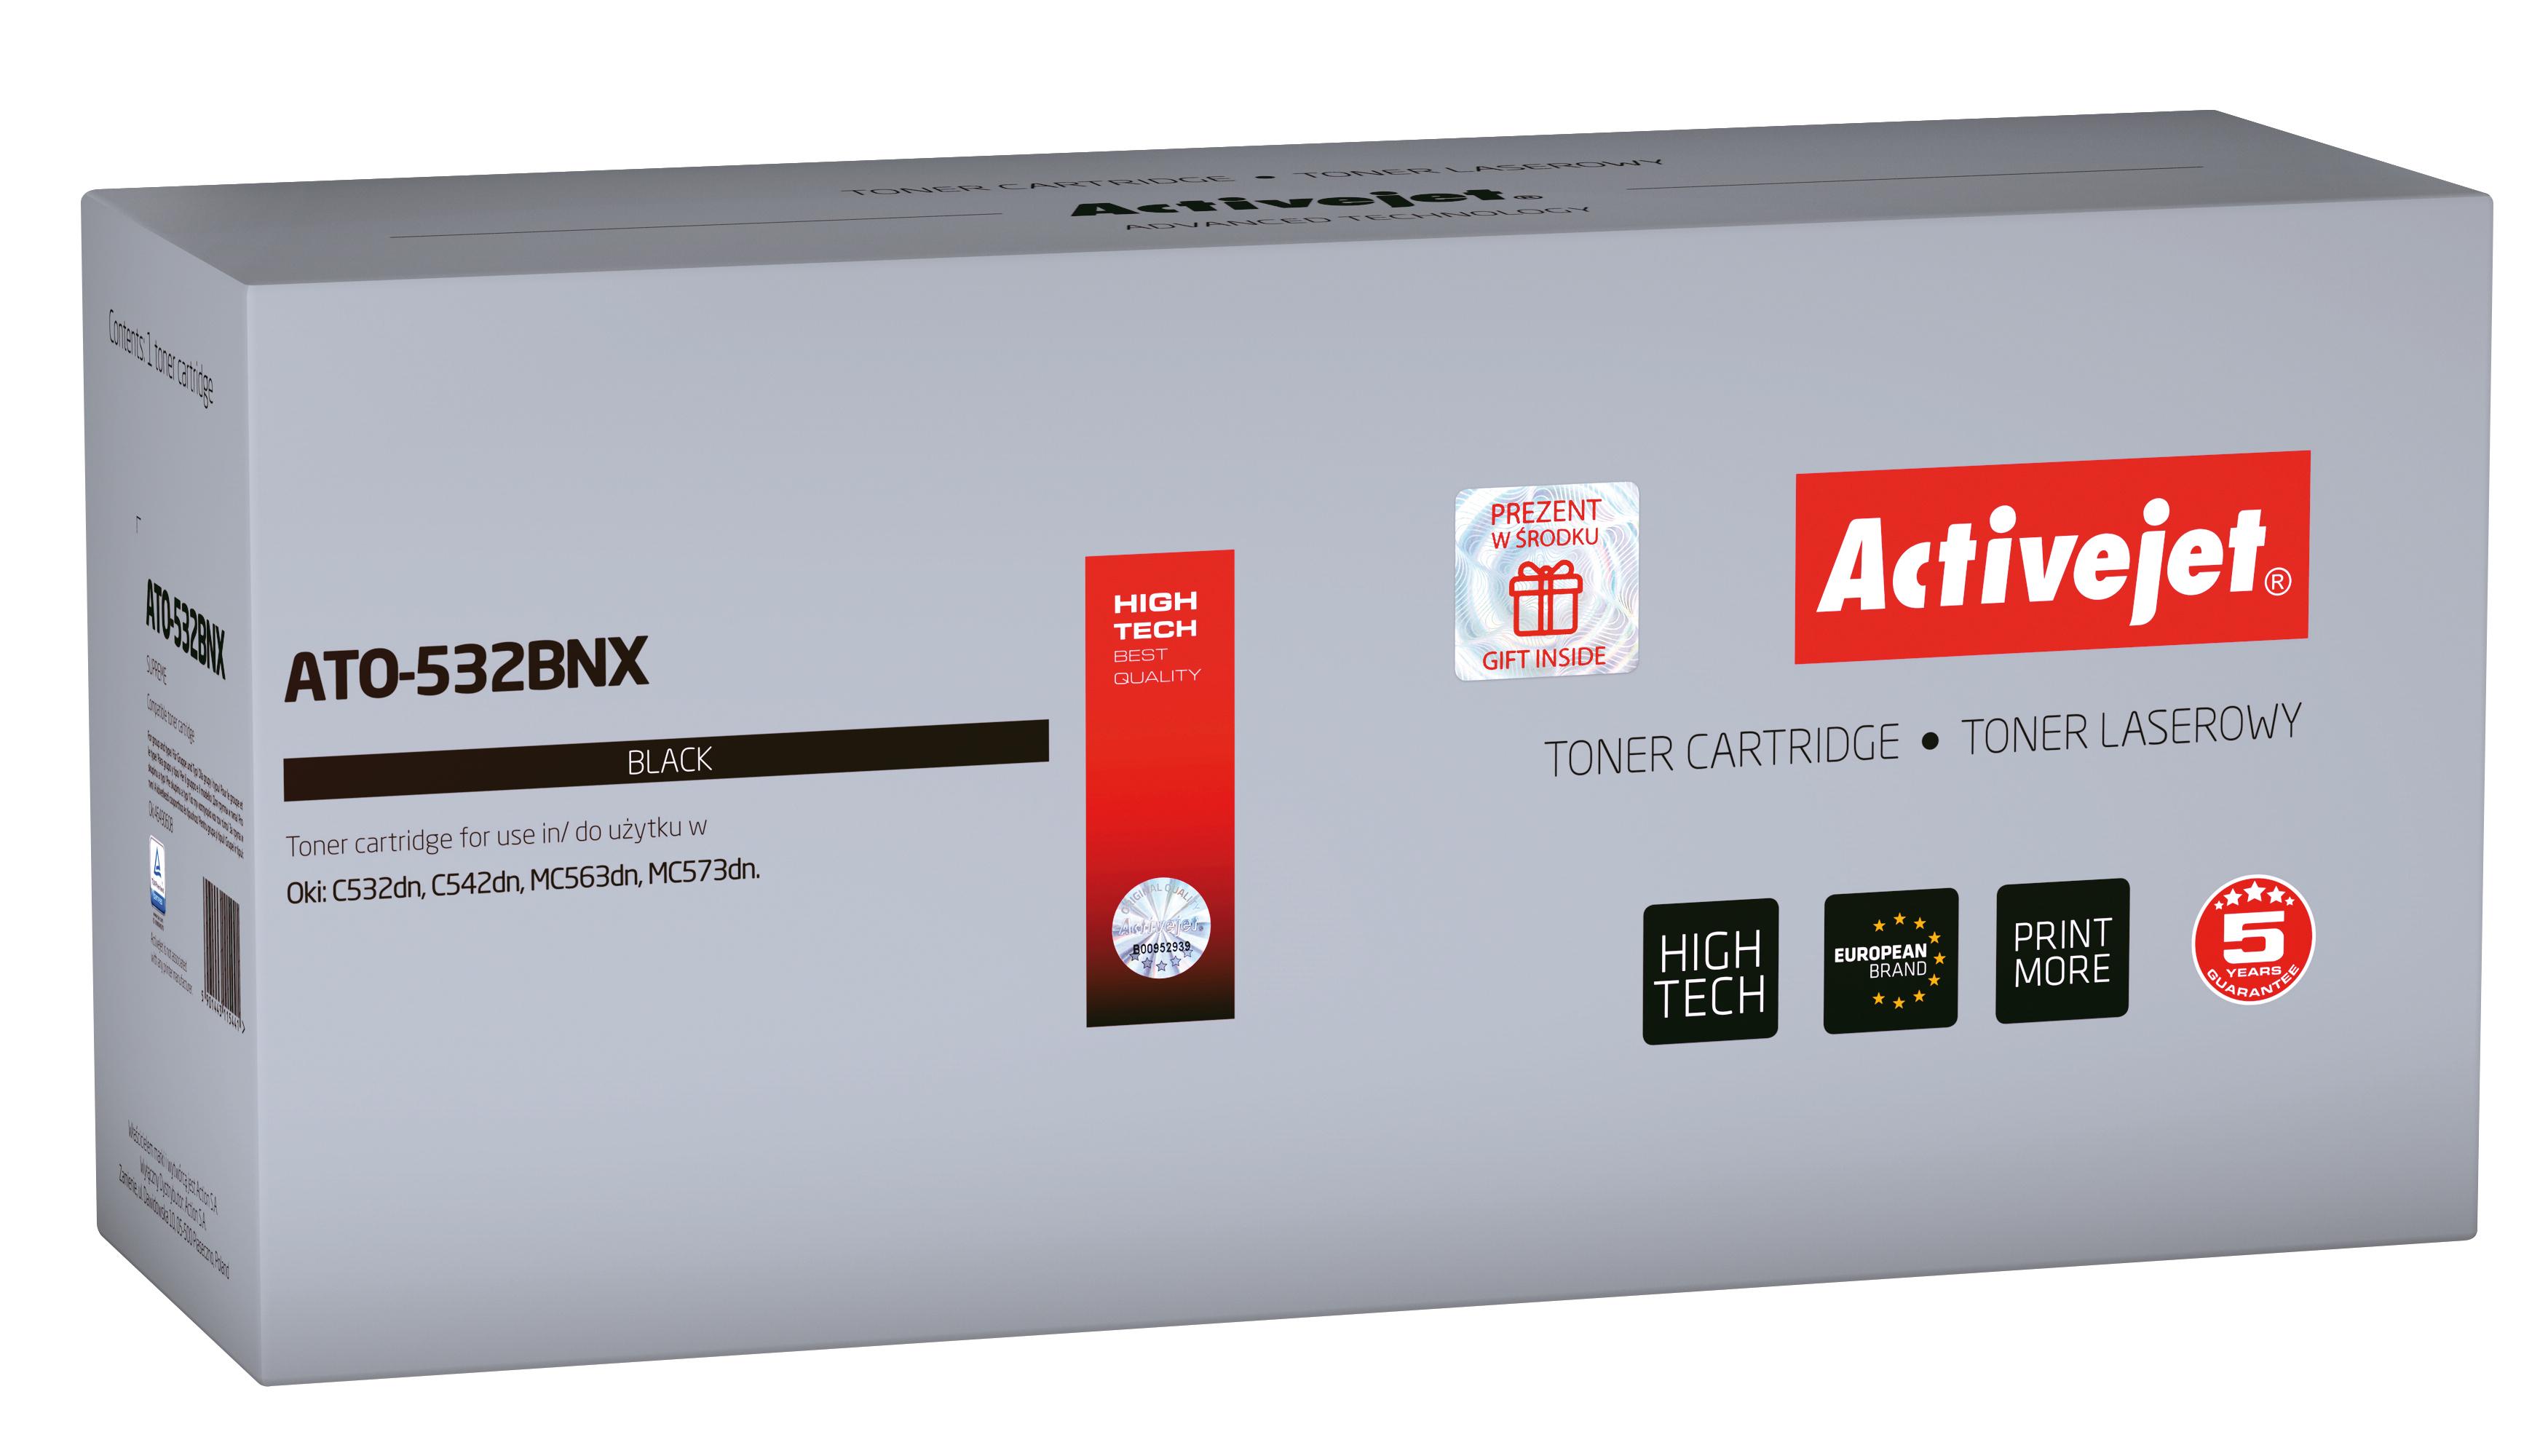 Toner Activejet  ATO-532BNX do drukarki OKI, Zamiennik OKI 46490608; Supreme; 7000 stron; Czarny.